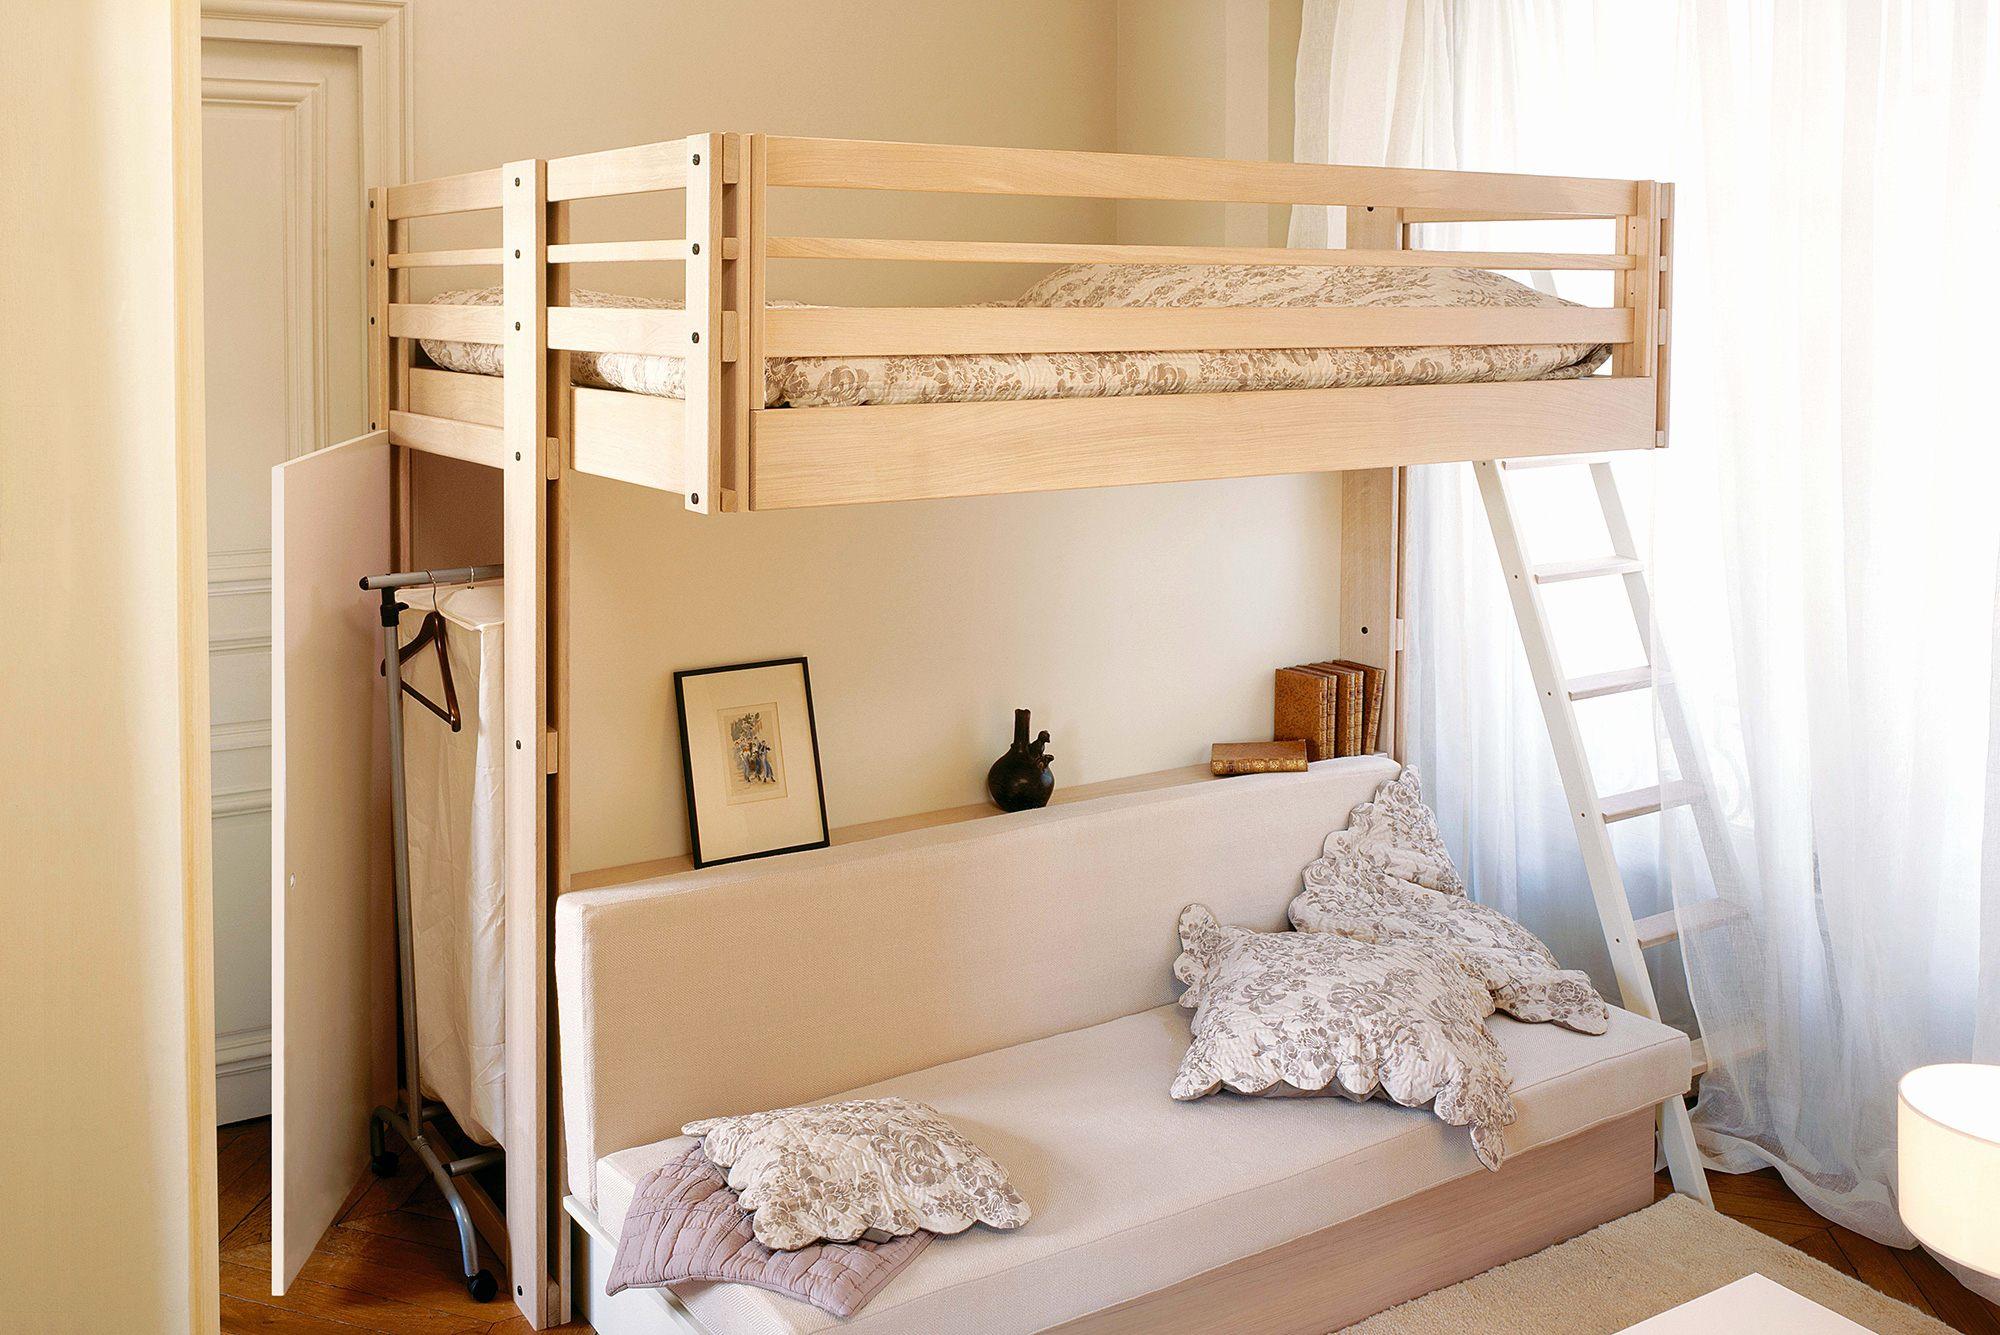 Lit Superposé Ikea 3 Places Le Luxe Lit Superposé Fille Génial Merveilleux Chambre B Fille Deco Gris Et